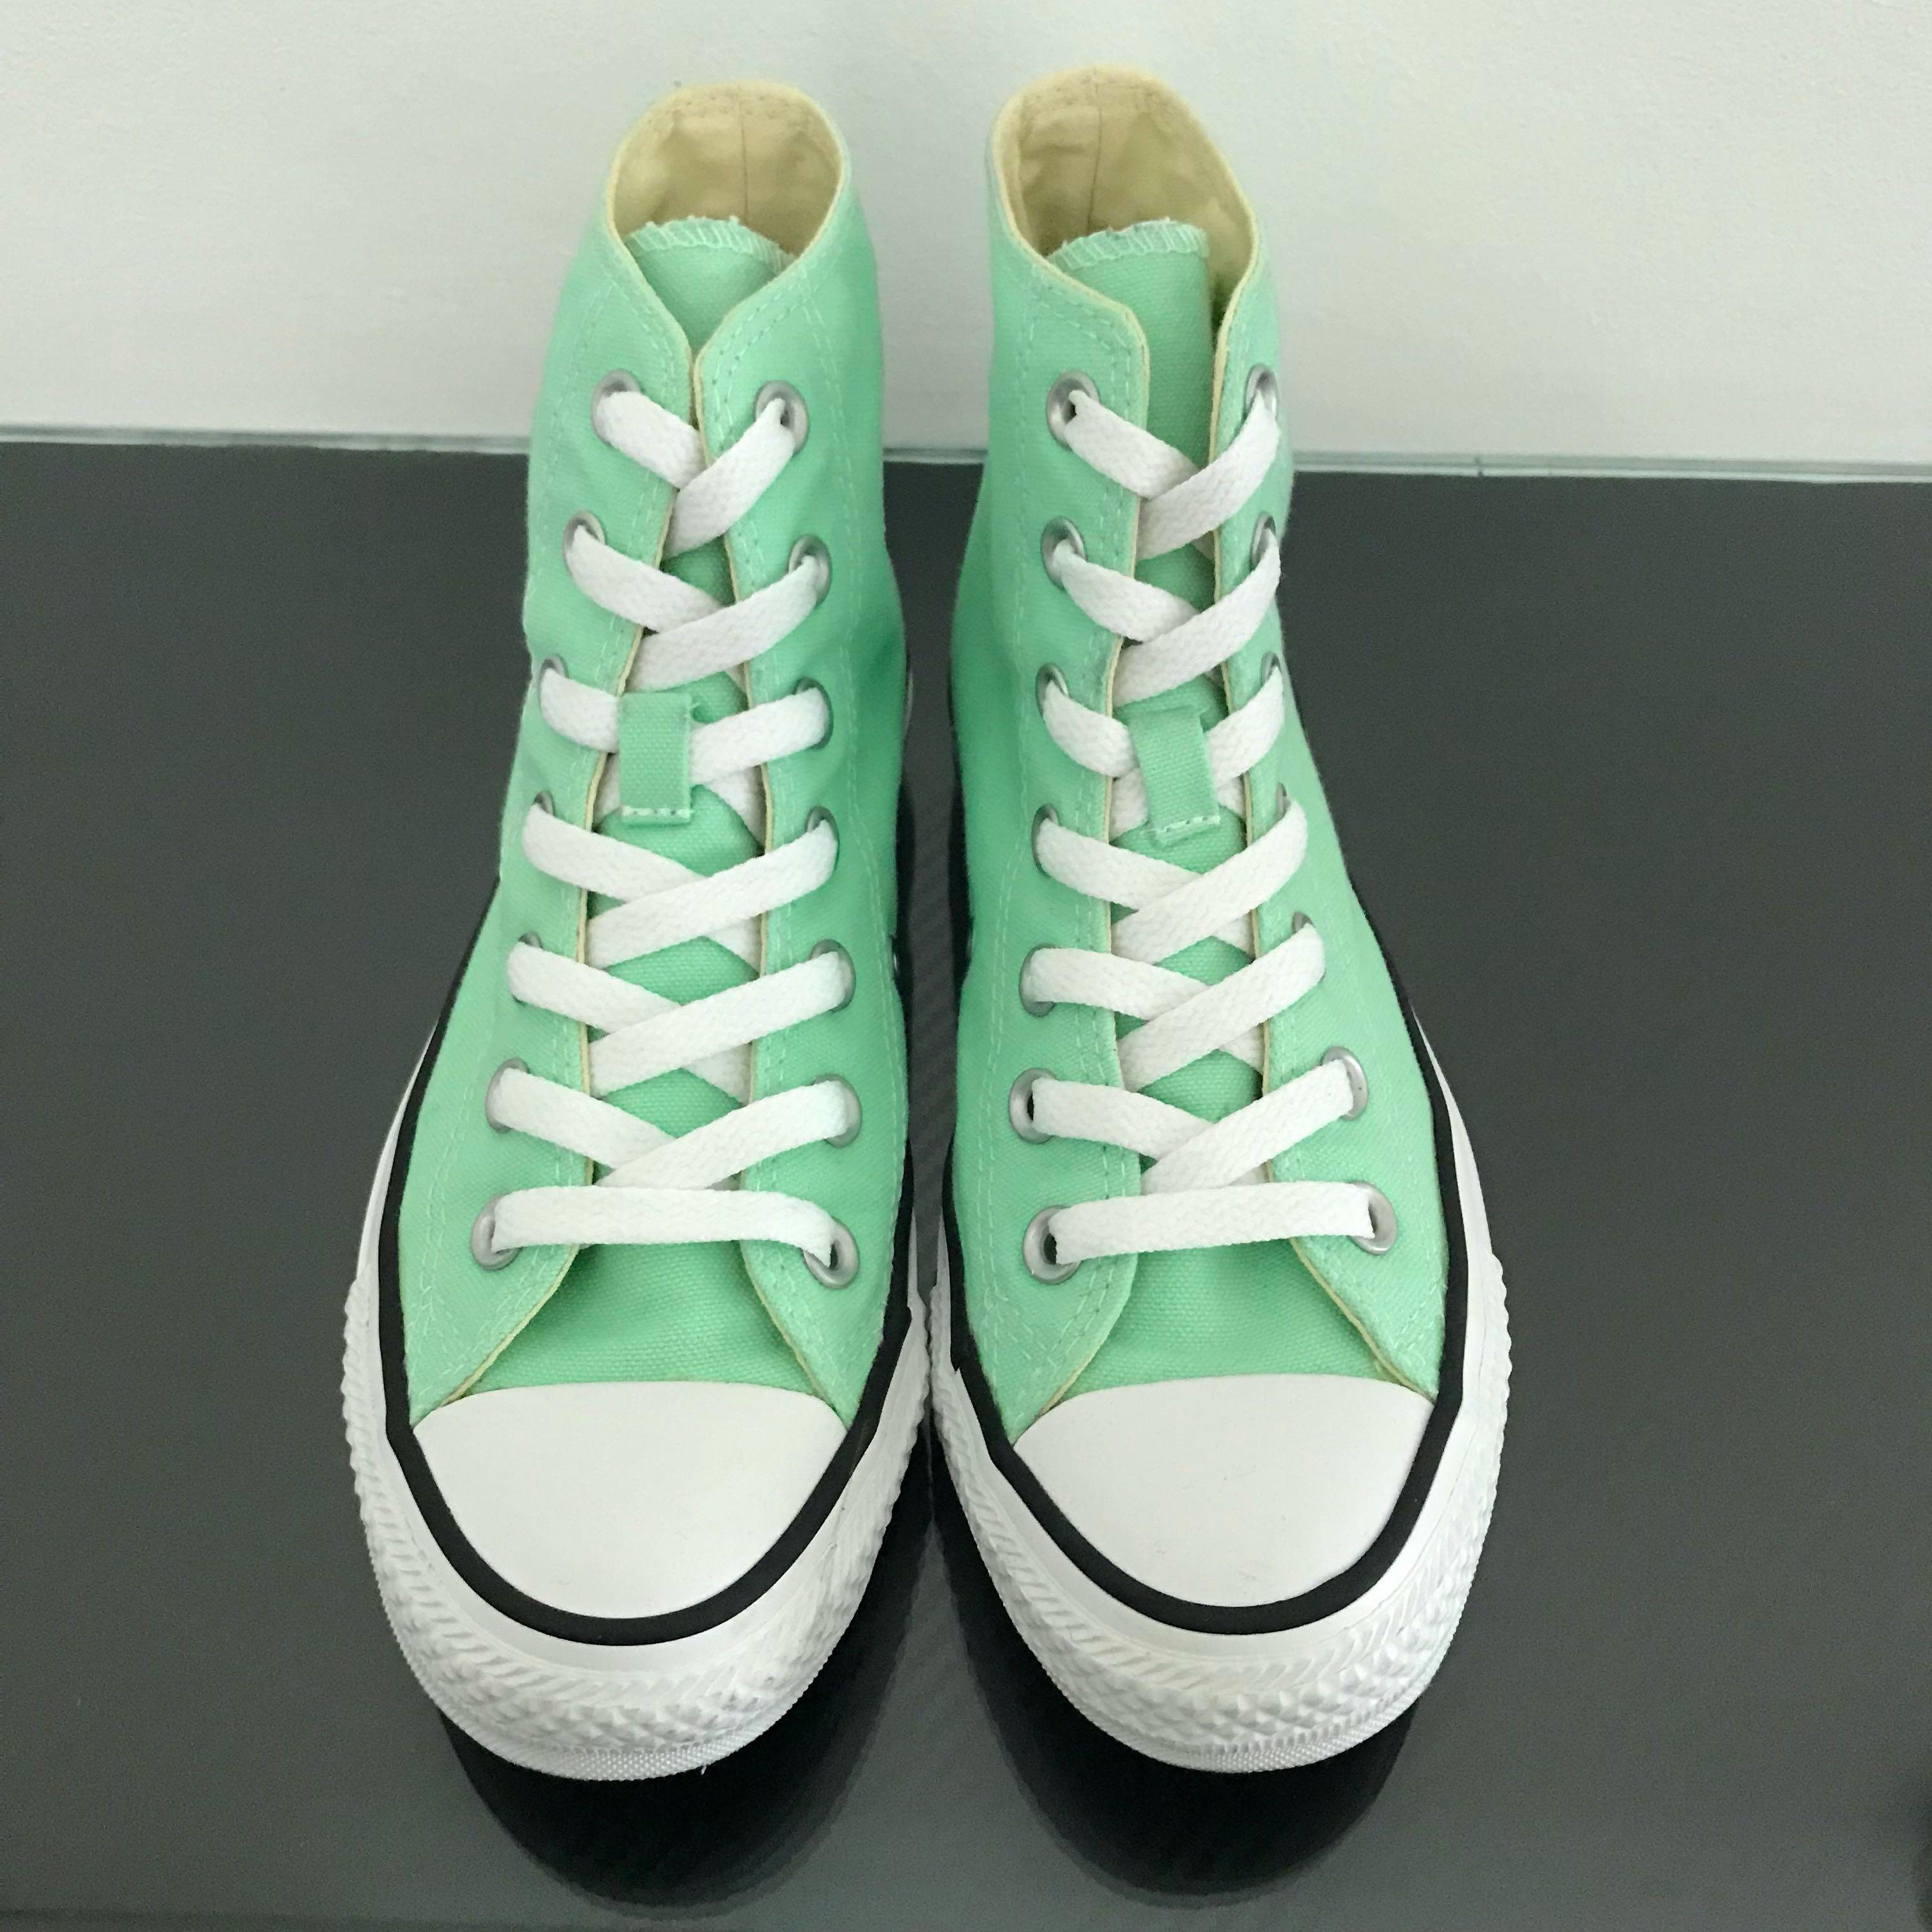 46c76e9dc4455 Converse High Cut Sneakers